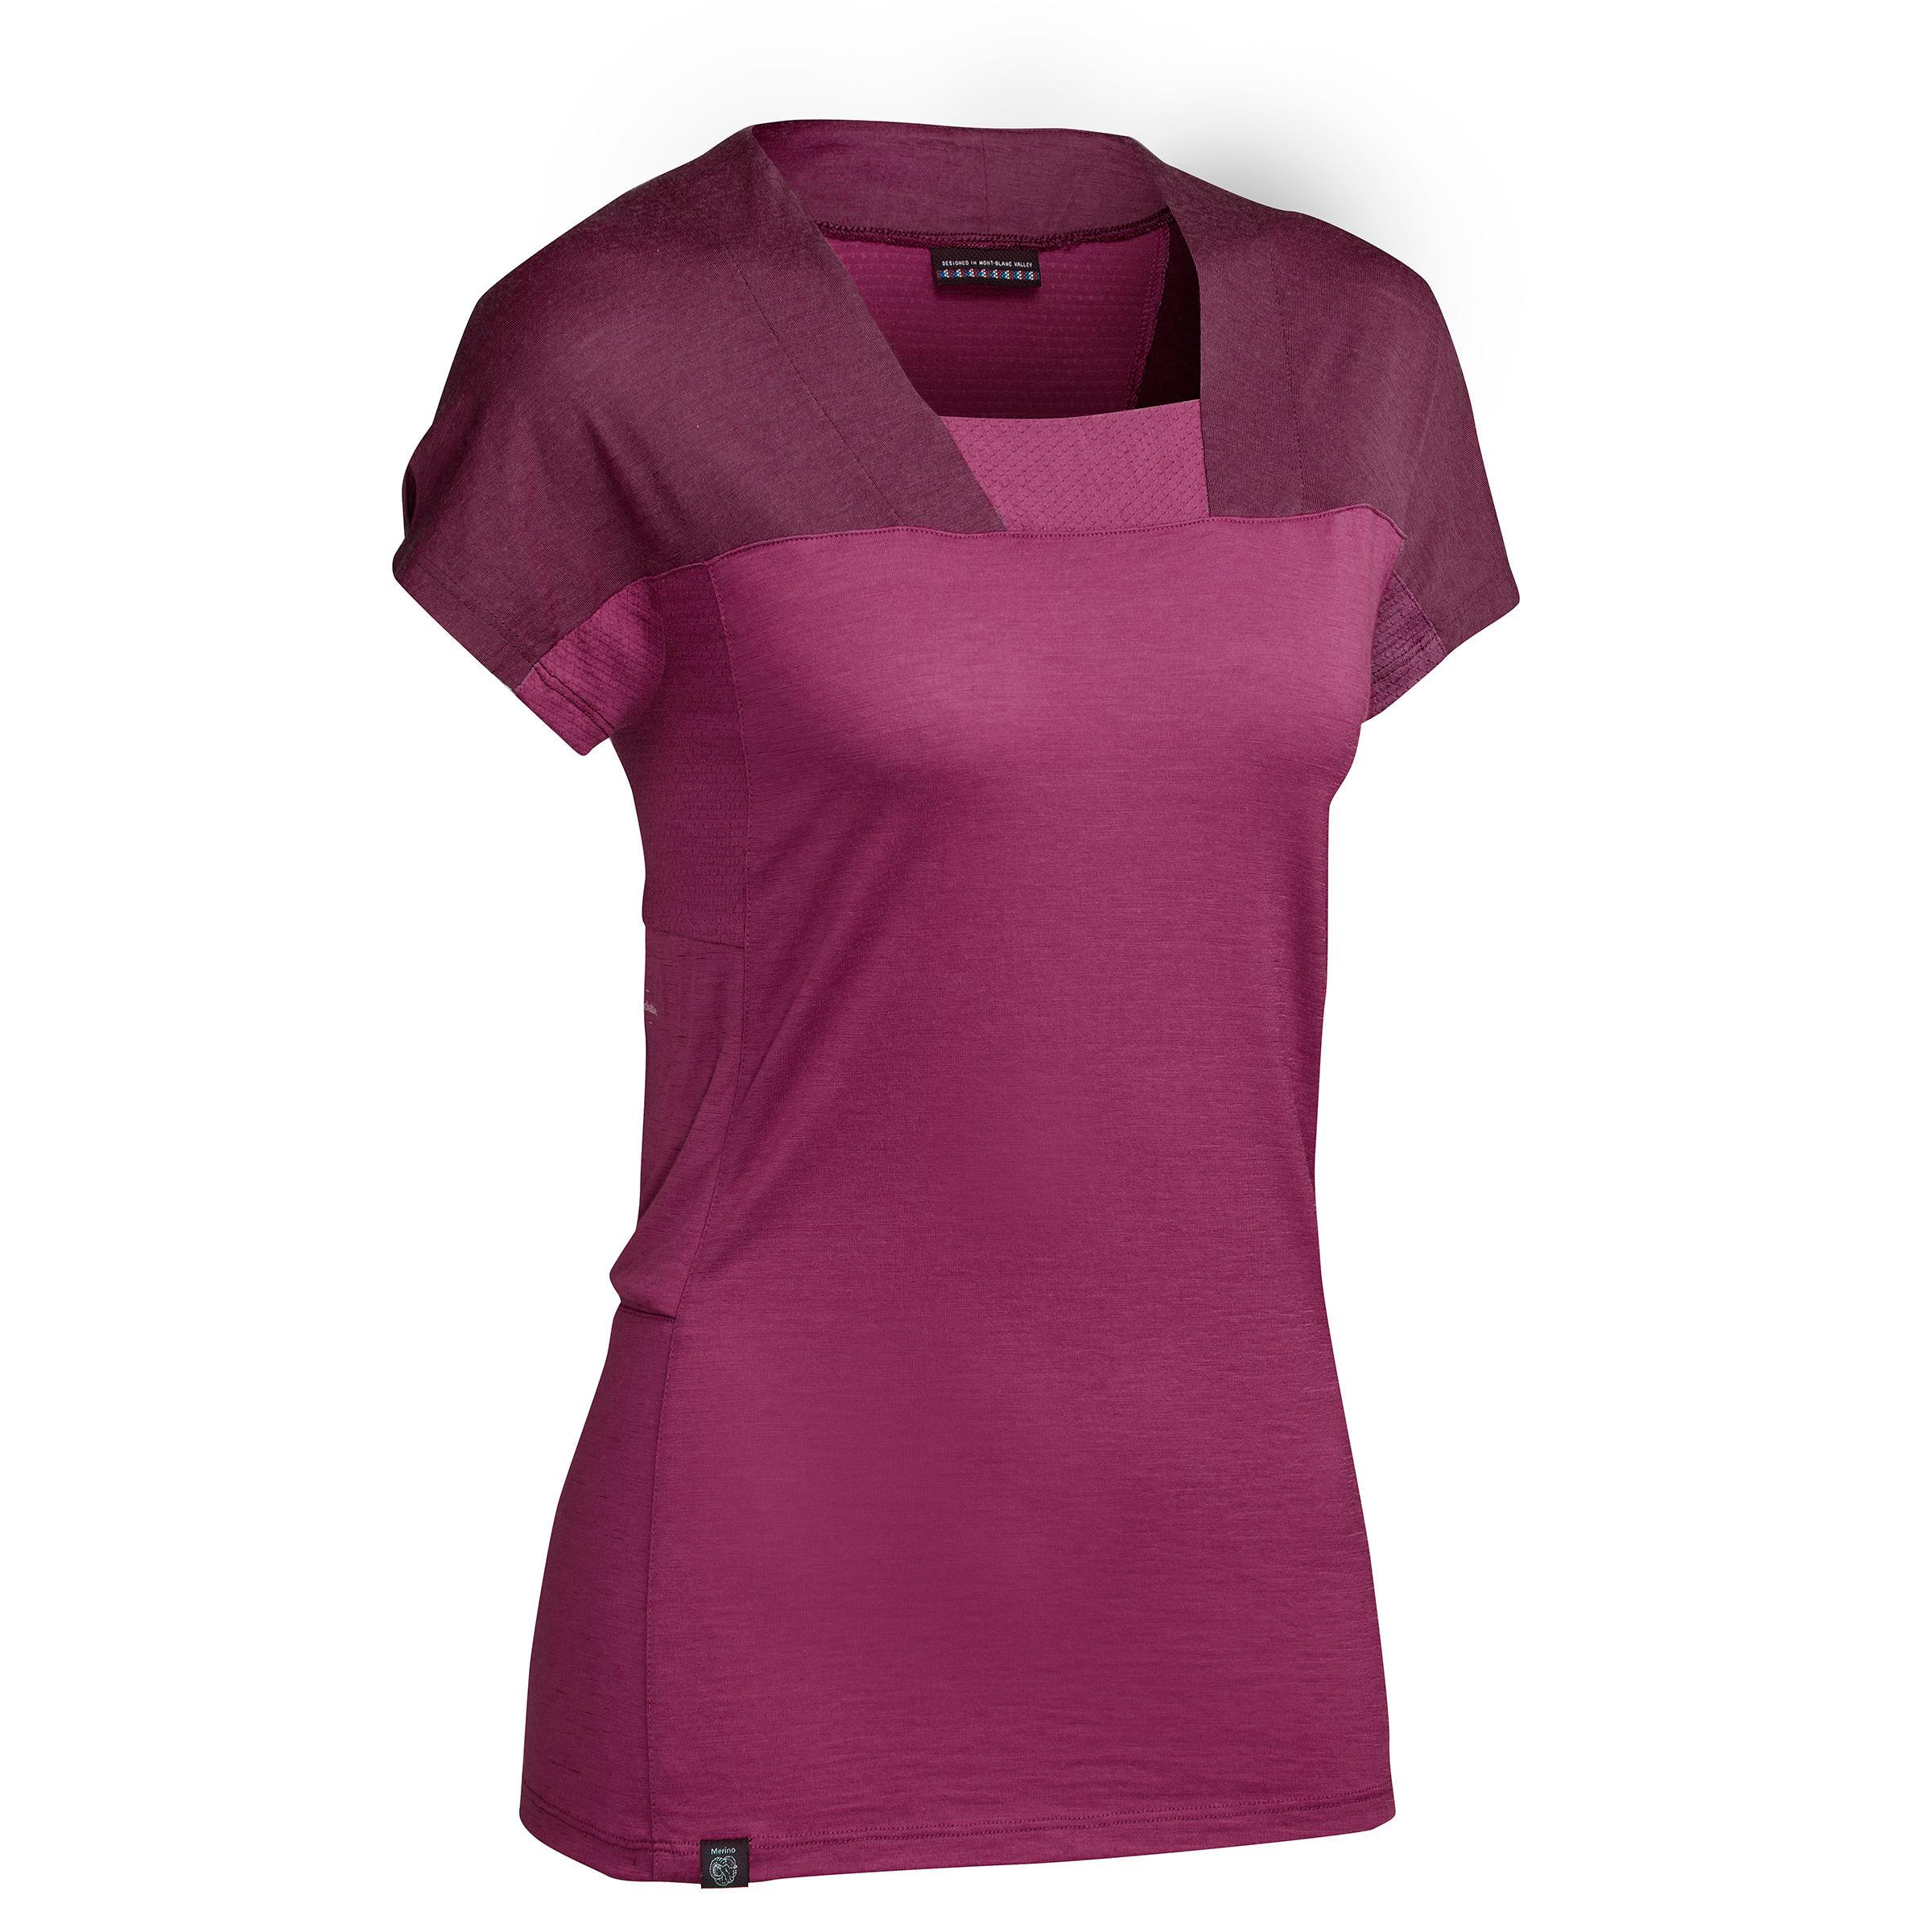 mieux aimé 2a918 21955 Vêtements en Laine de Mérinos Femme | Decathlon